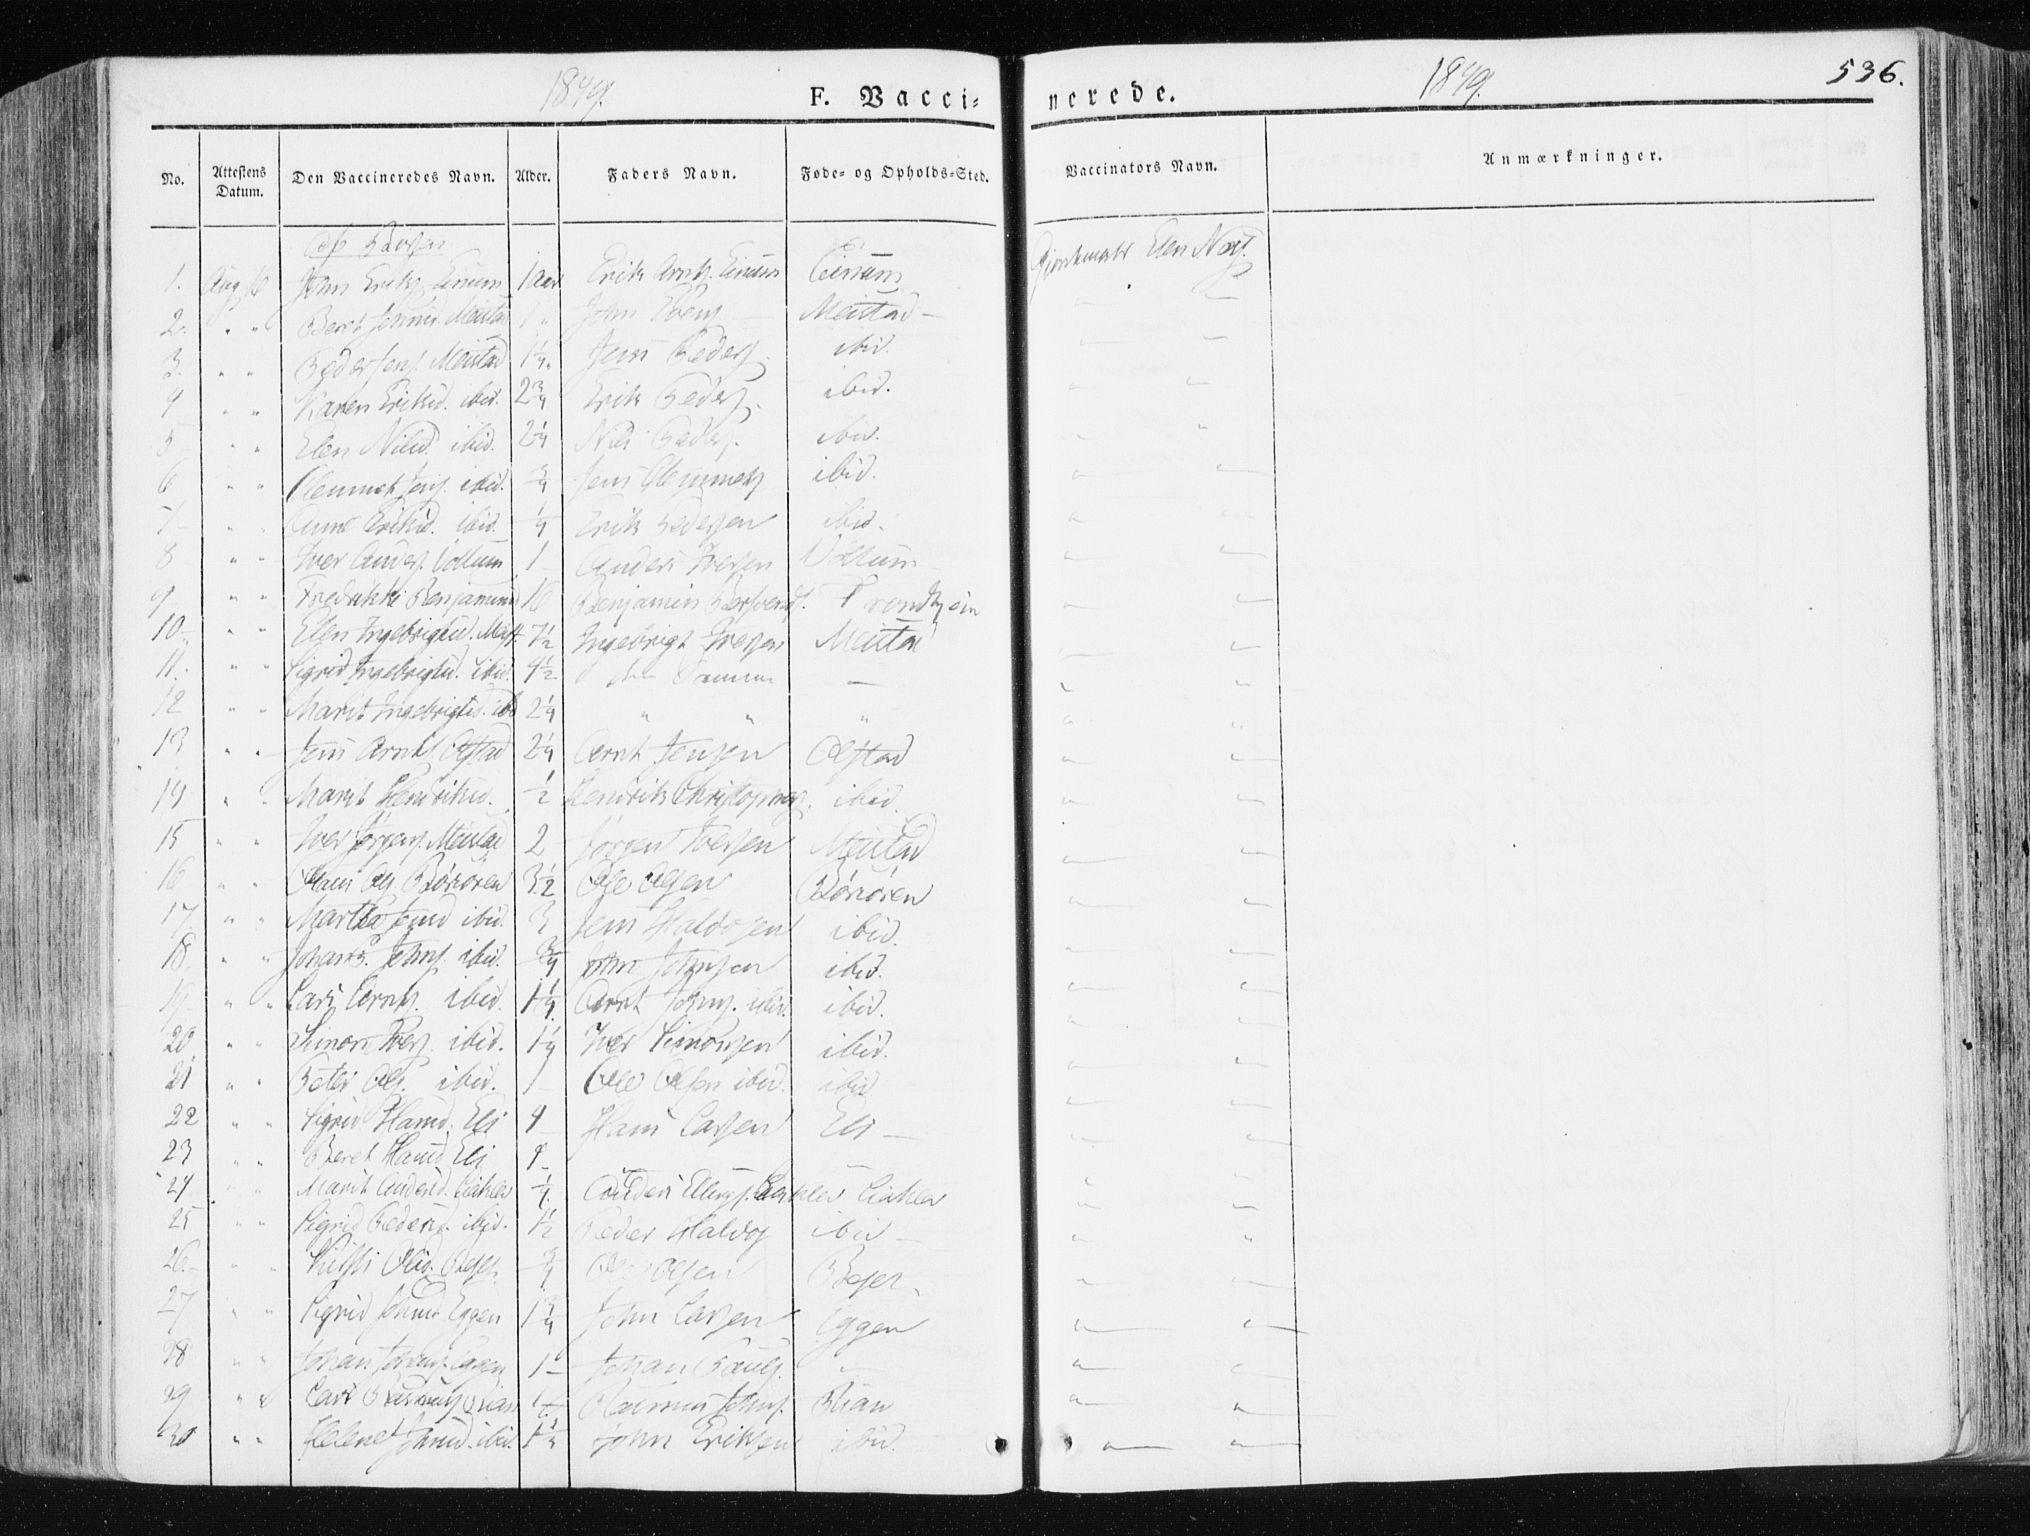 SAT, Ministerialprotokoller, klokkerbøker og fødselsregistre - Sør-Trøndelag, 665/L0771: Ministerialbok nr. 665A06, 1830-1856, s. 536